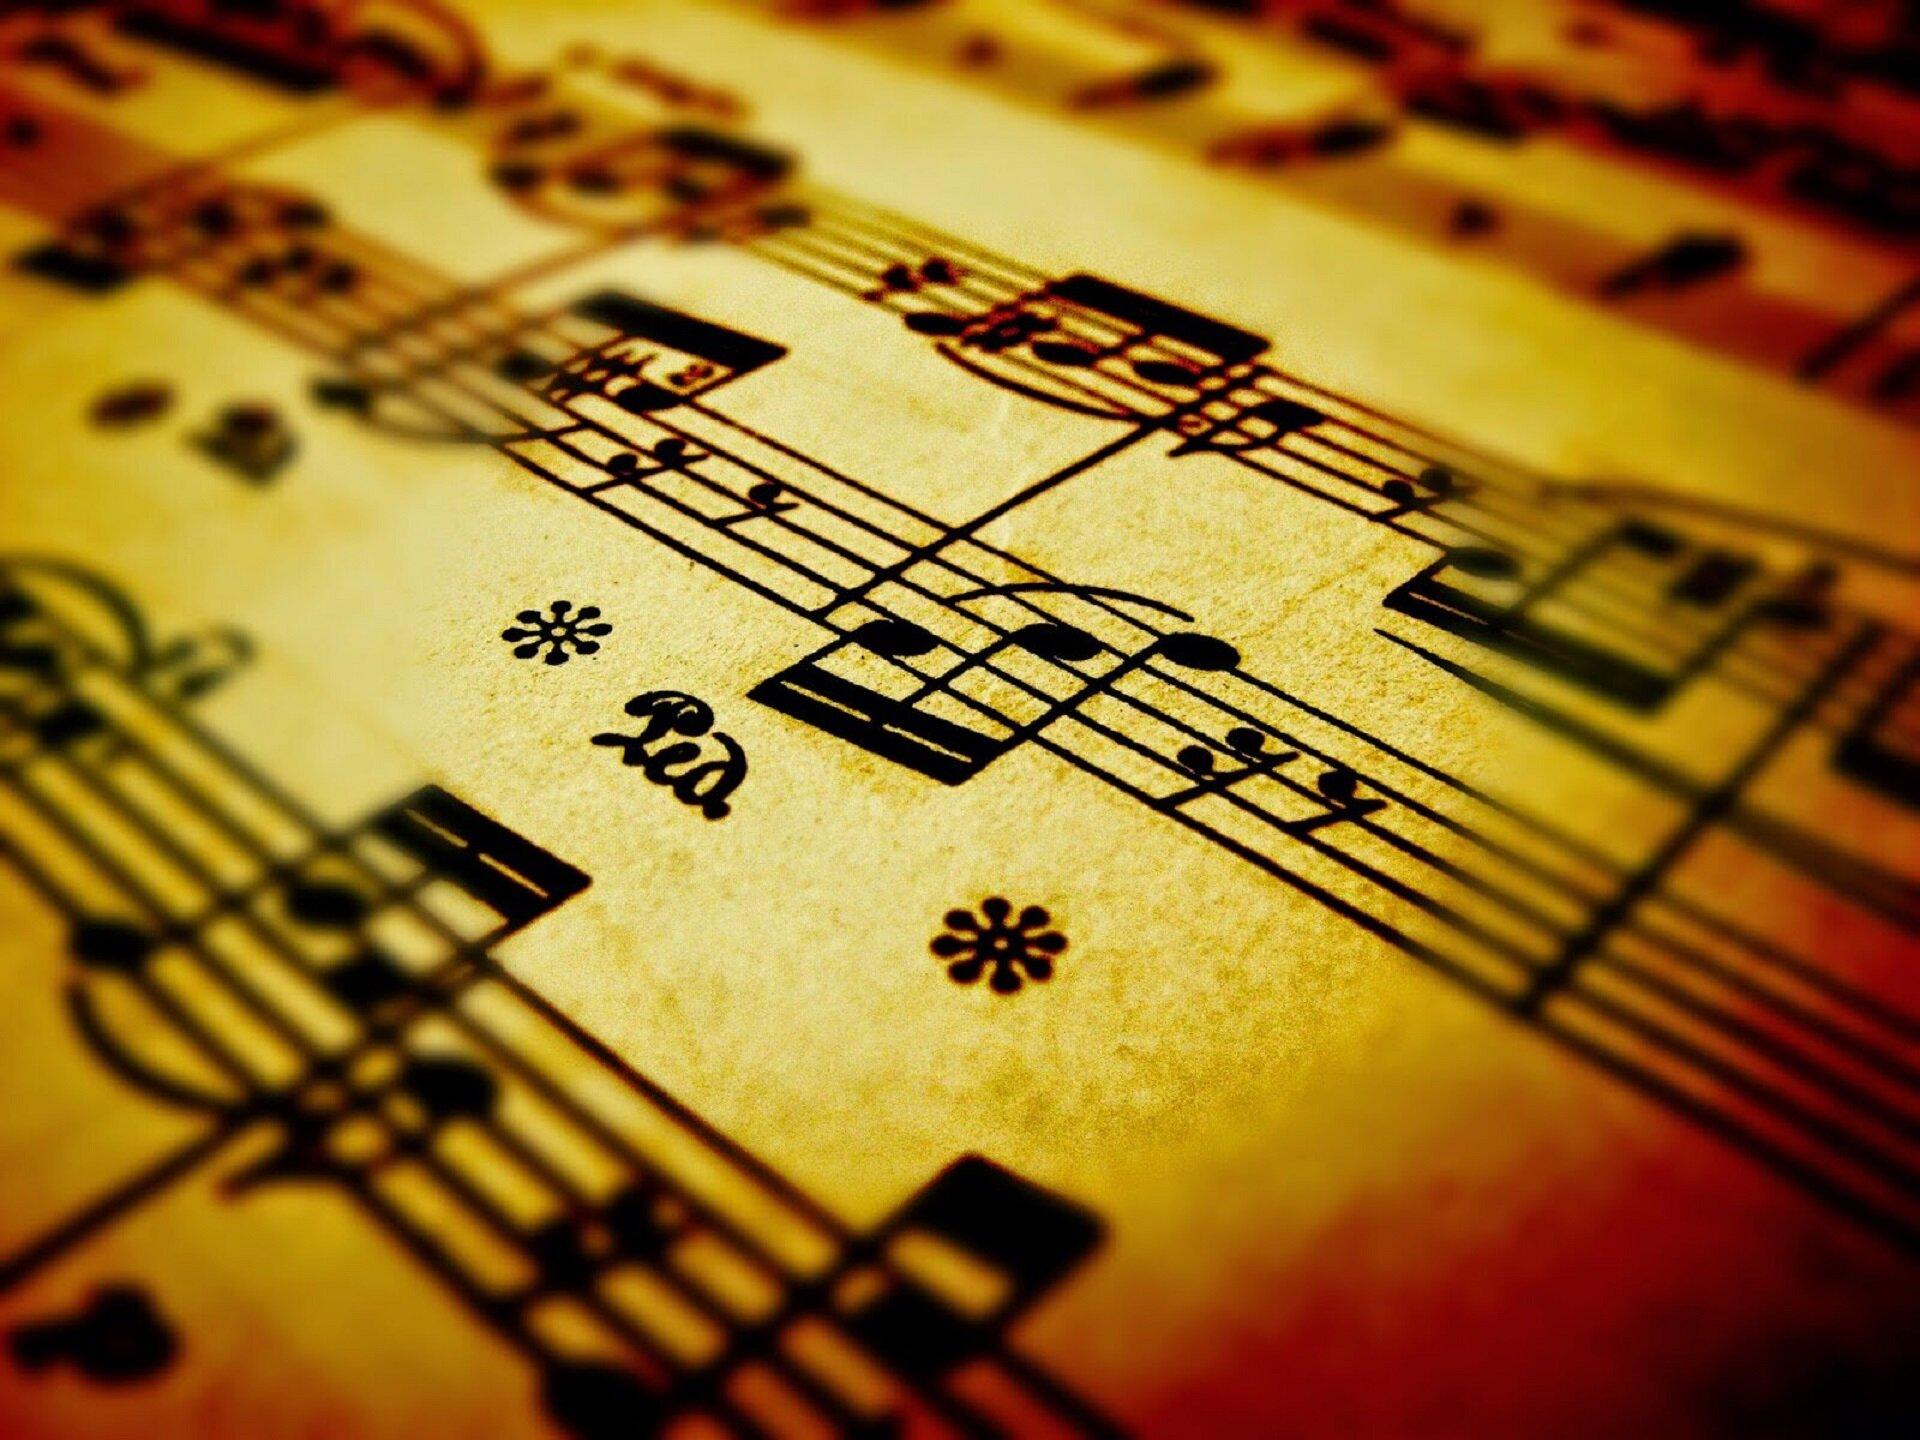 Ilustracja przedstawia zapis nutowy na fortepian.